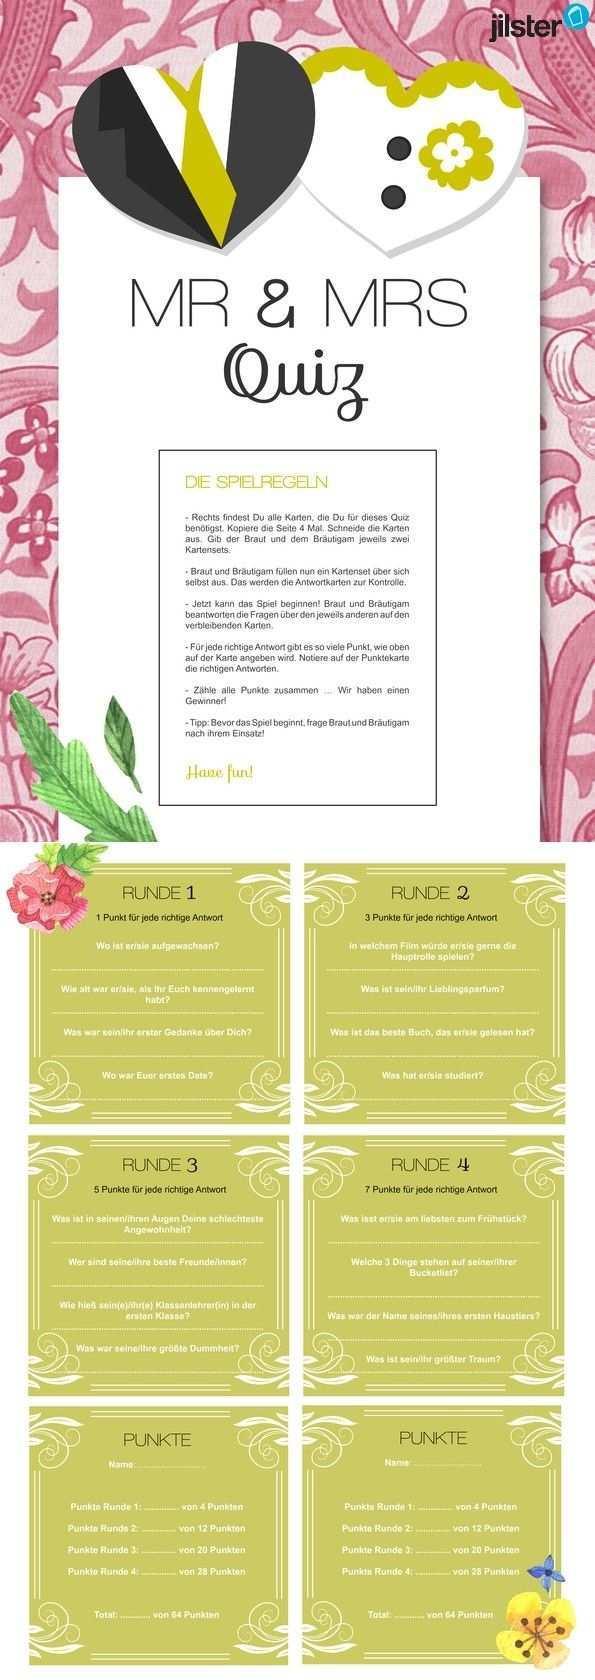 Hochzeitszeitung Vorlage Im Editor Benutzen Jilster Hochzeitszeitung Gestalten Hochzeitszeitung Hochzeitszeitung Ideen